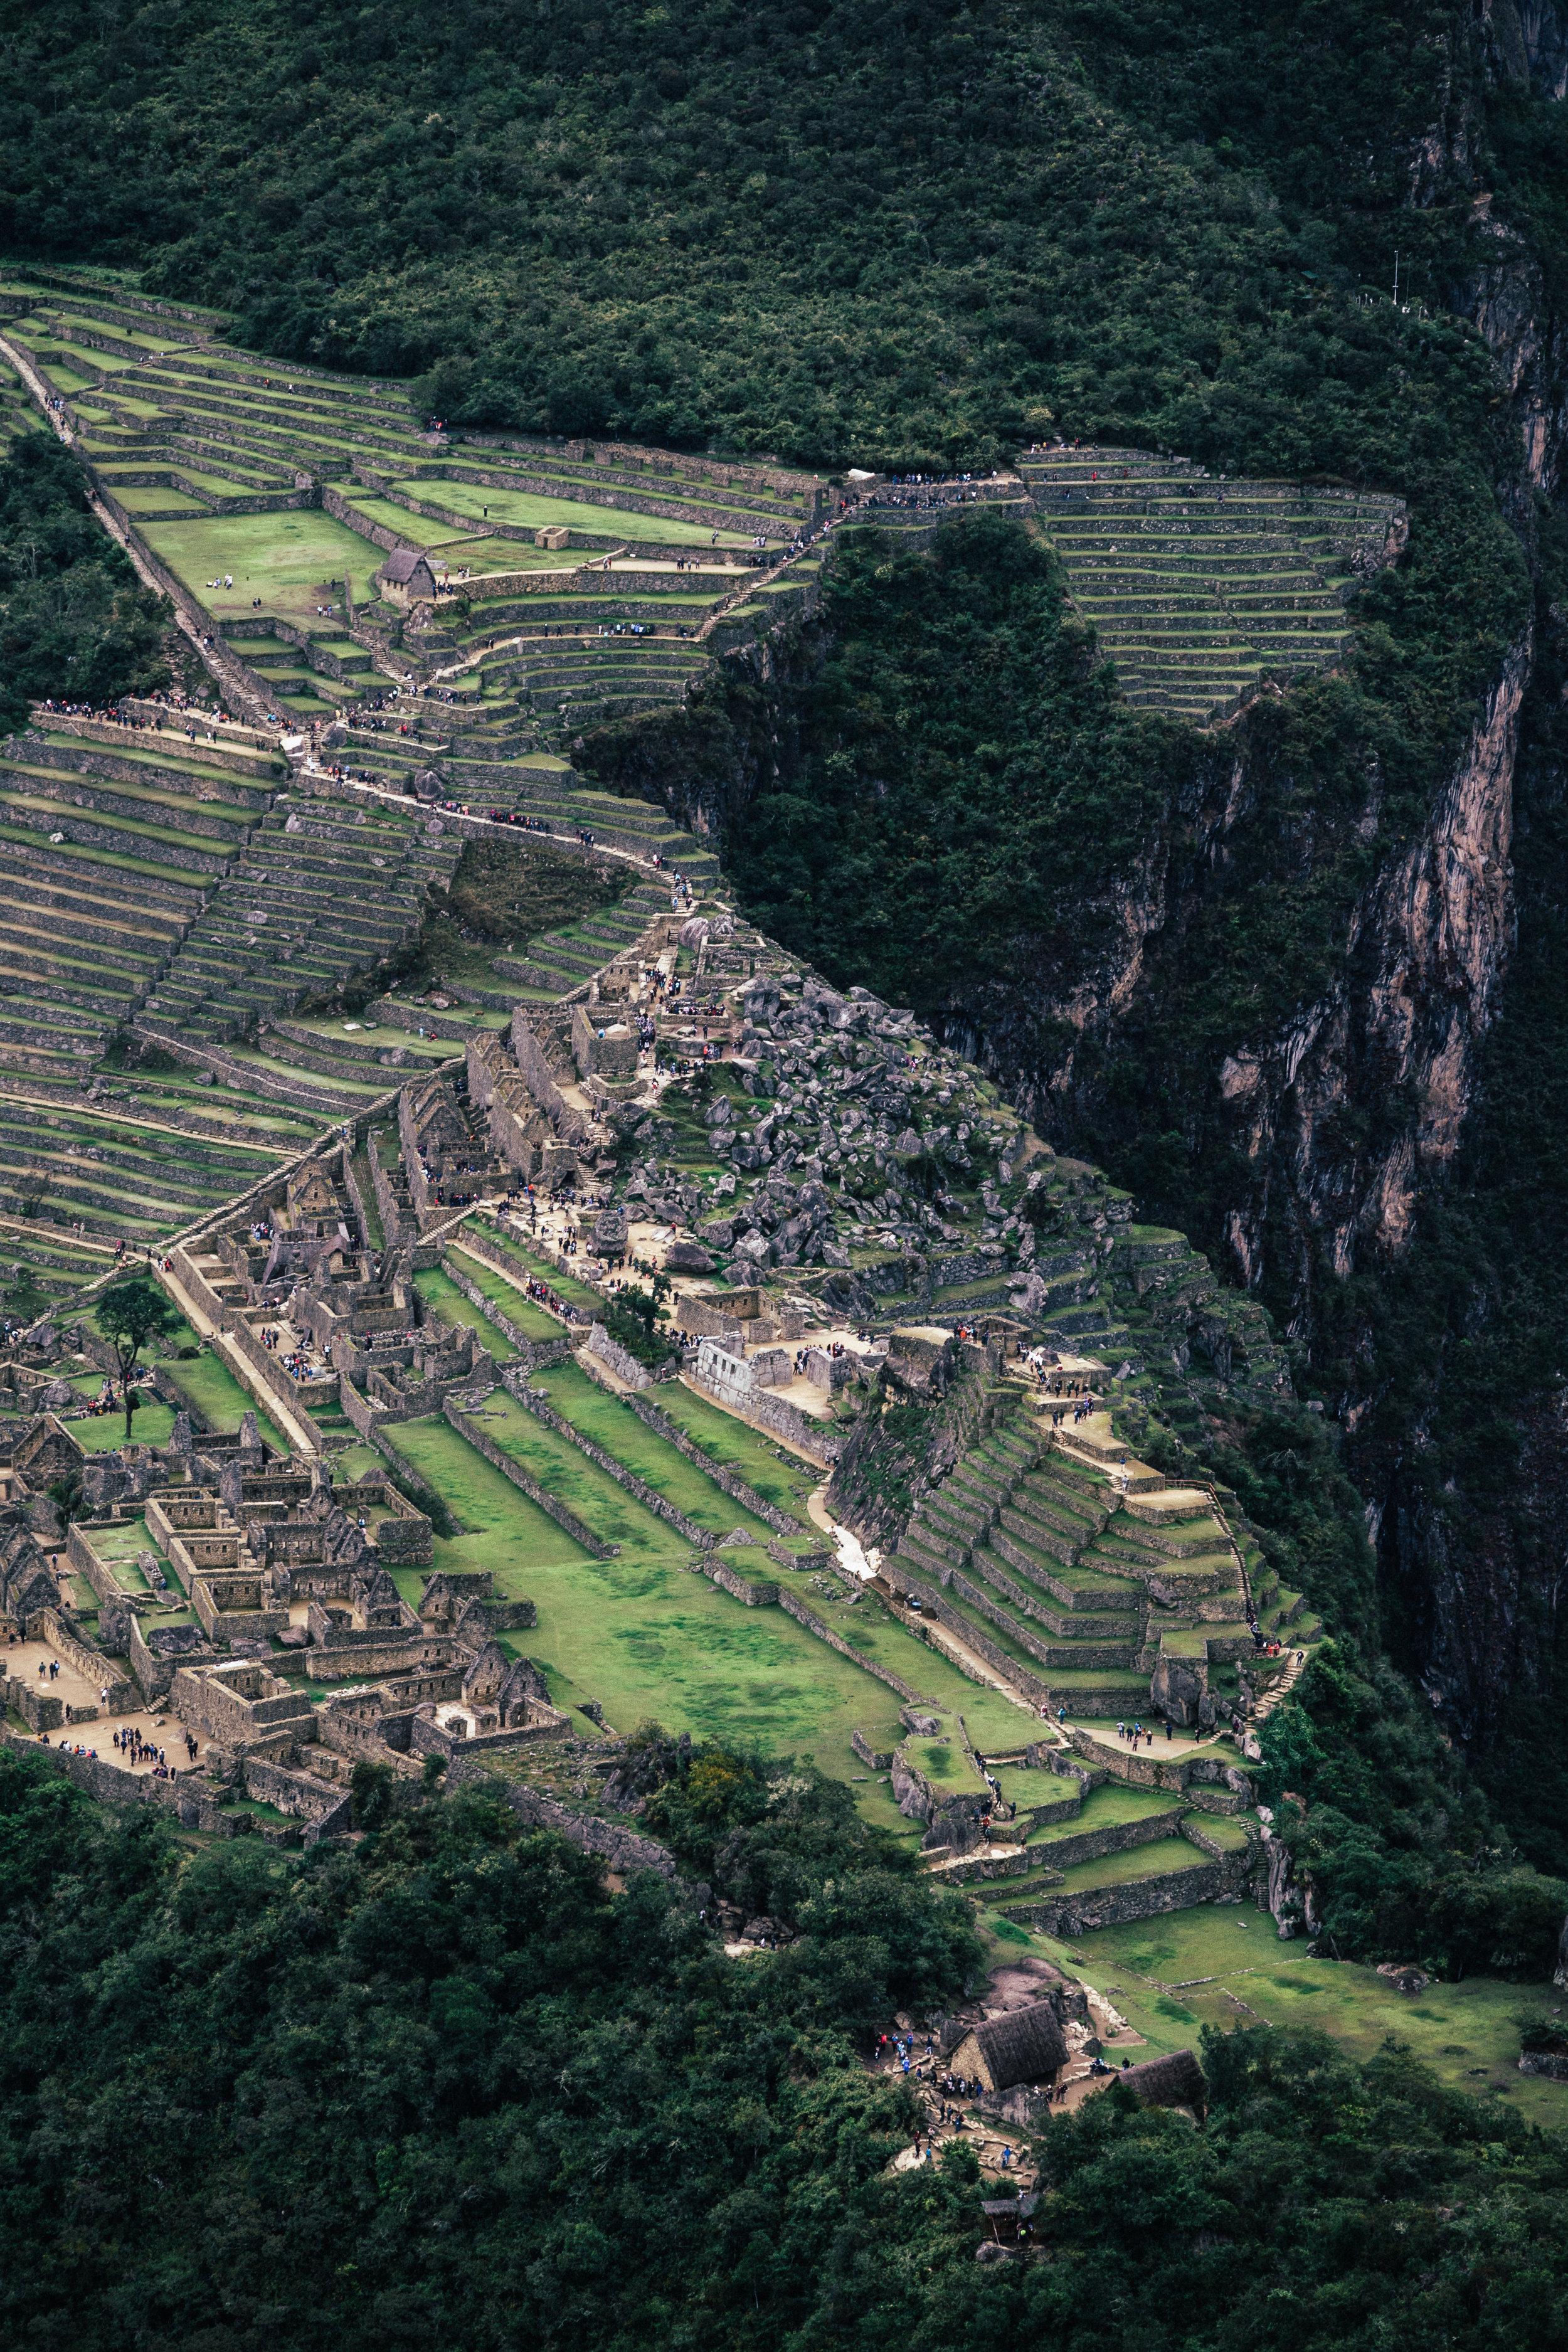 Machu Picchu Site View